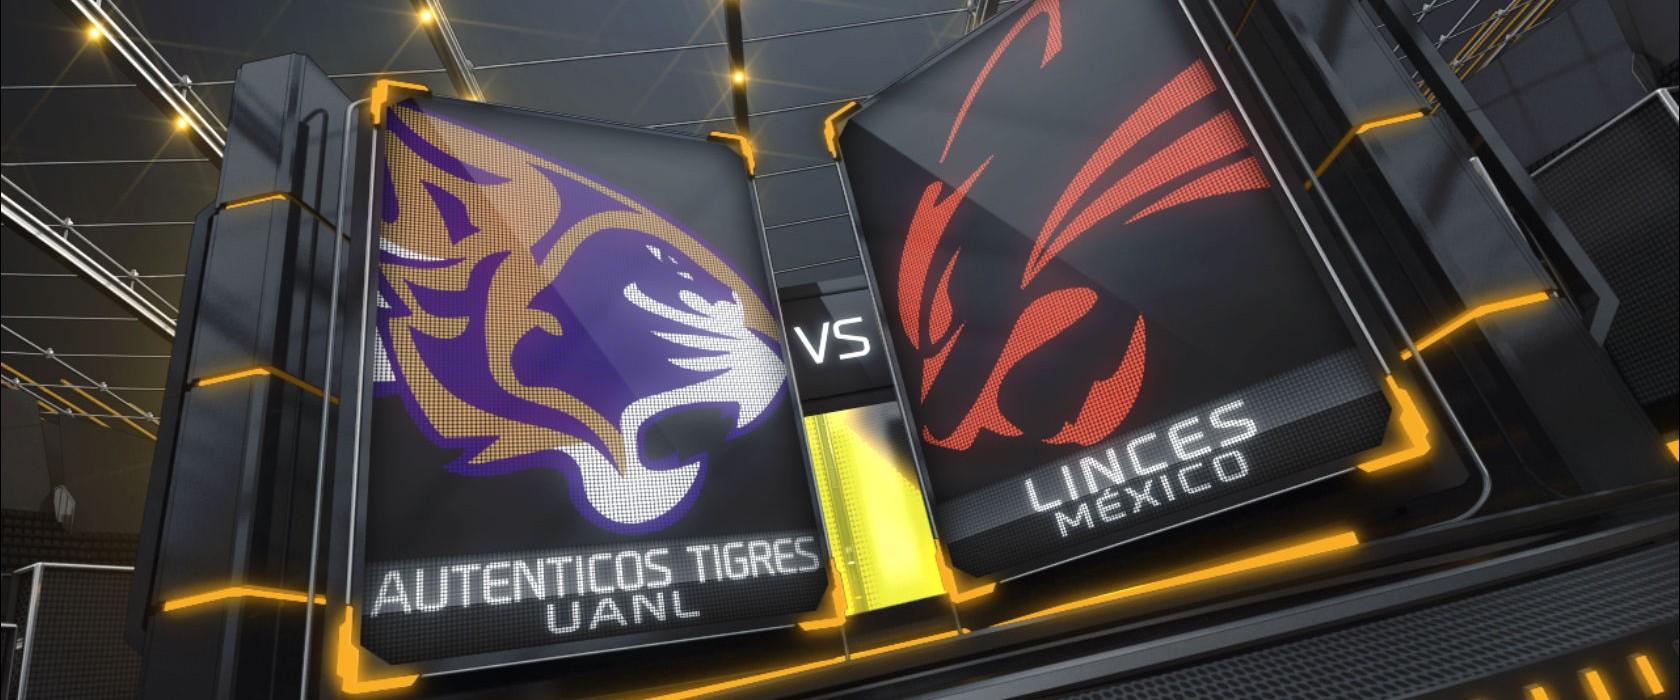 Autenticos Tigres UANL vs Linces UVM